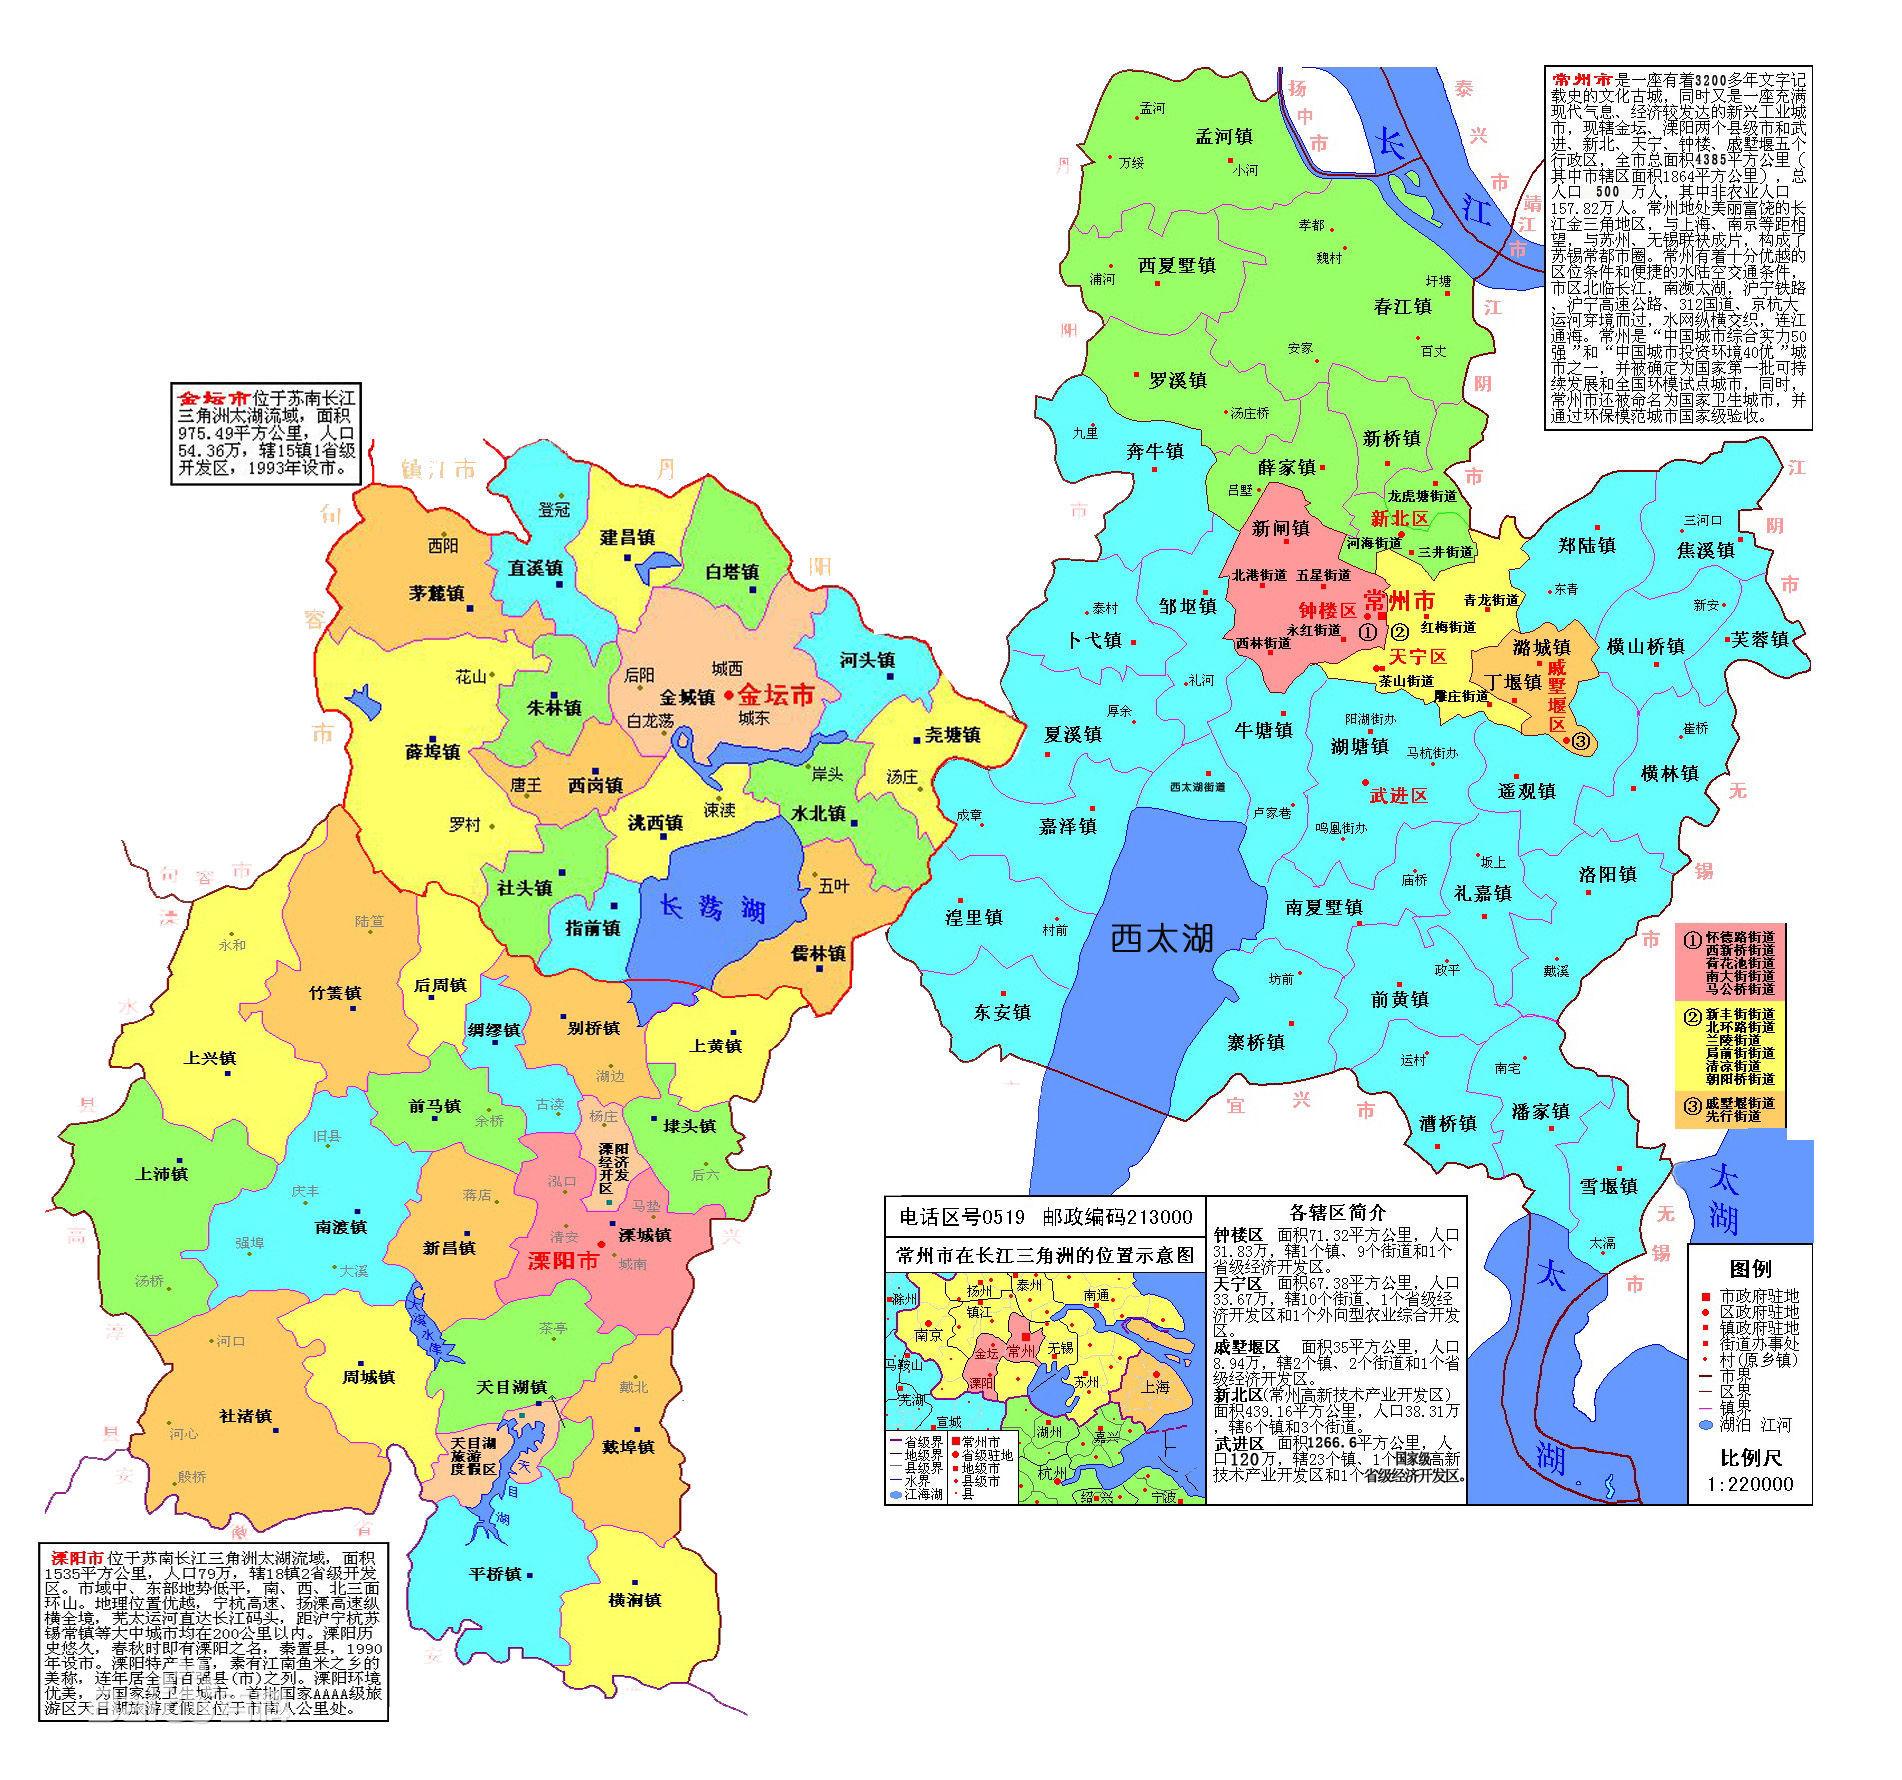 常州市行政区划图